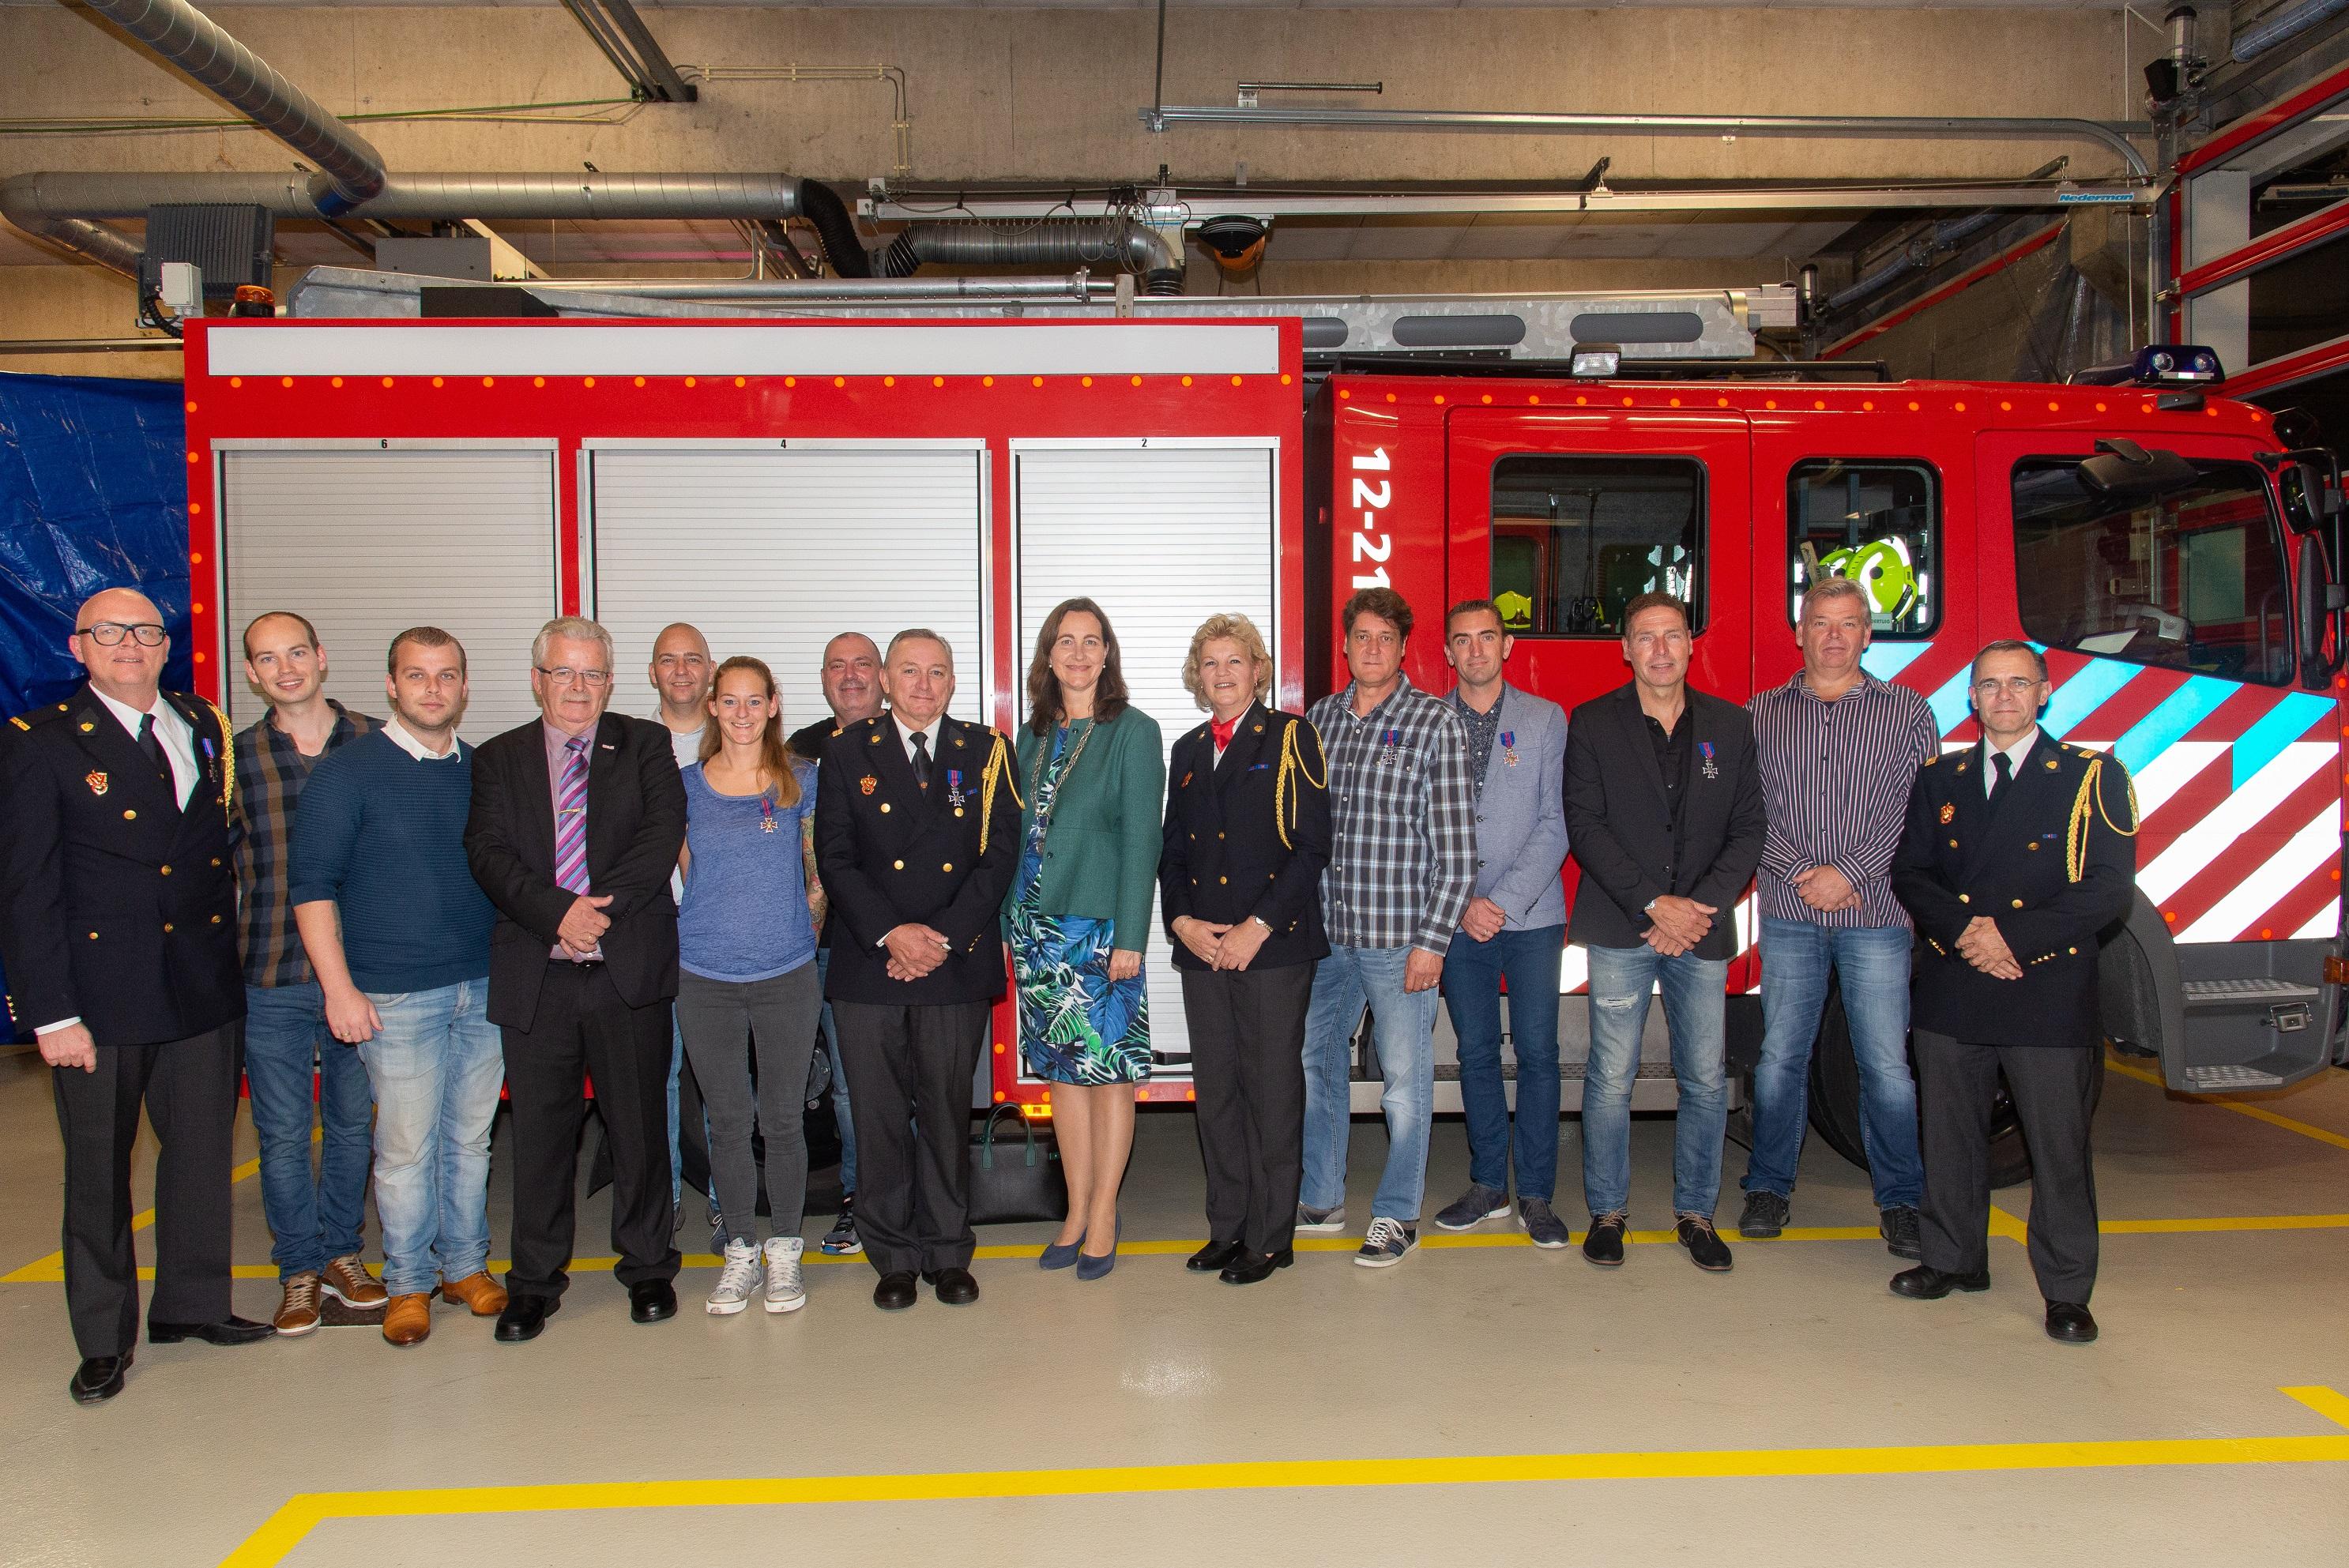 De jubilarissen en gediplomeerden met hun leidinggevenden en burgemeester Mieke Baltus. (FOTO: MIKE BERGHOEFS)